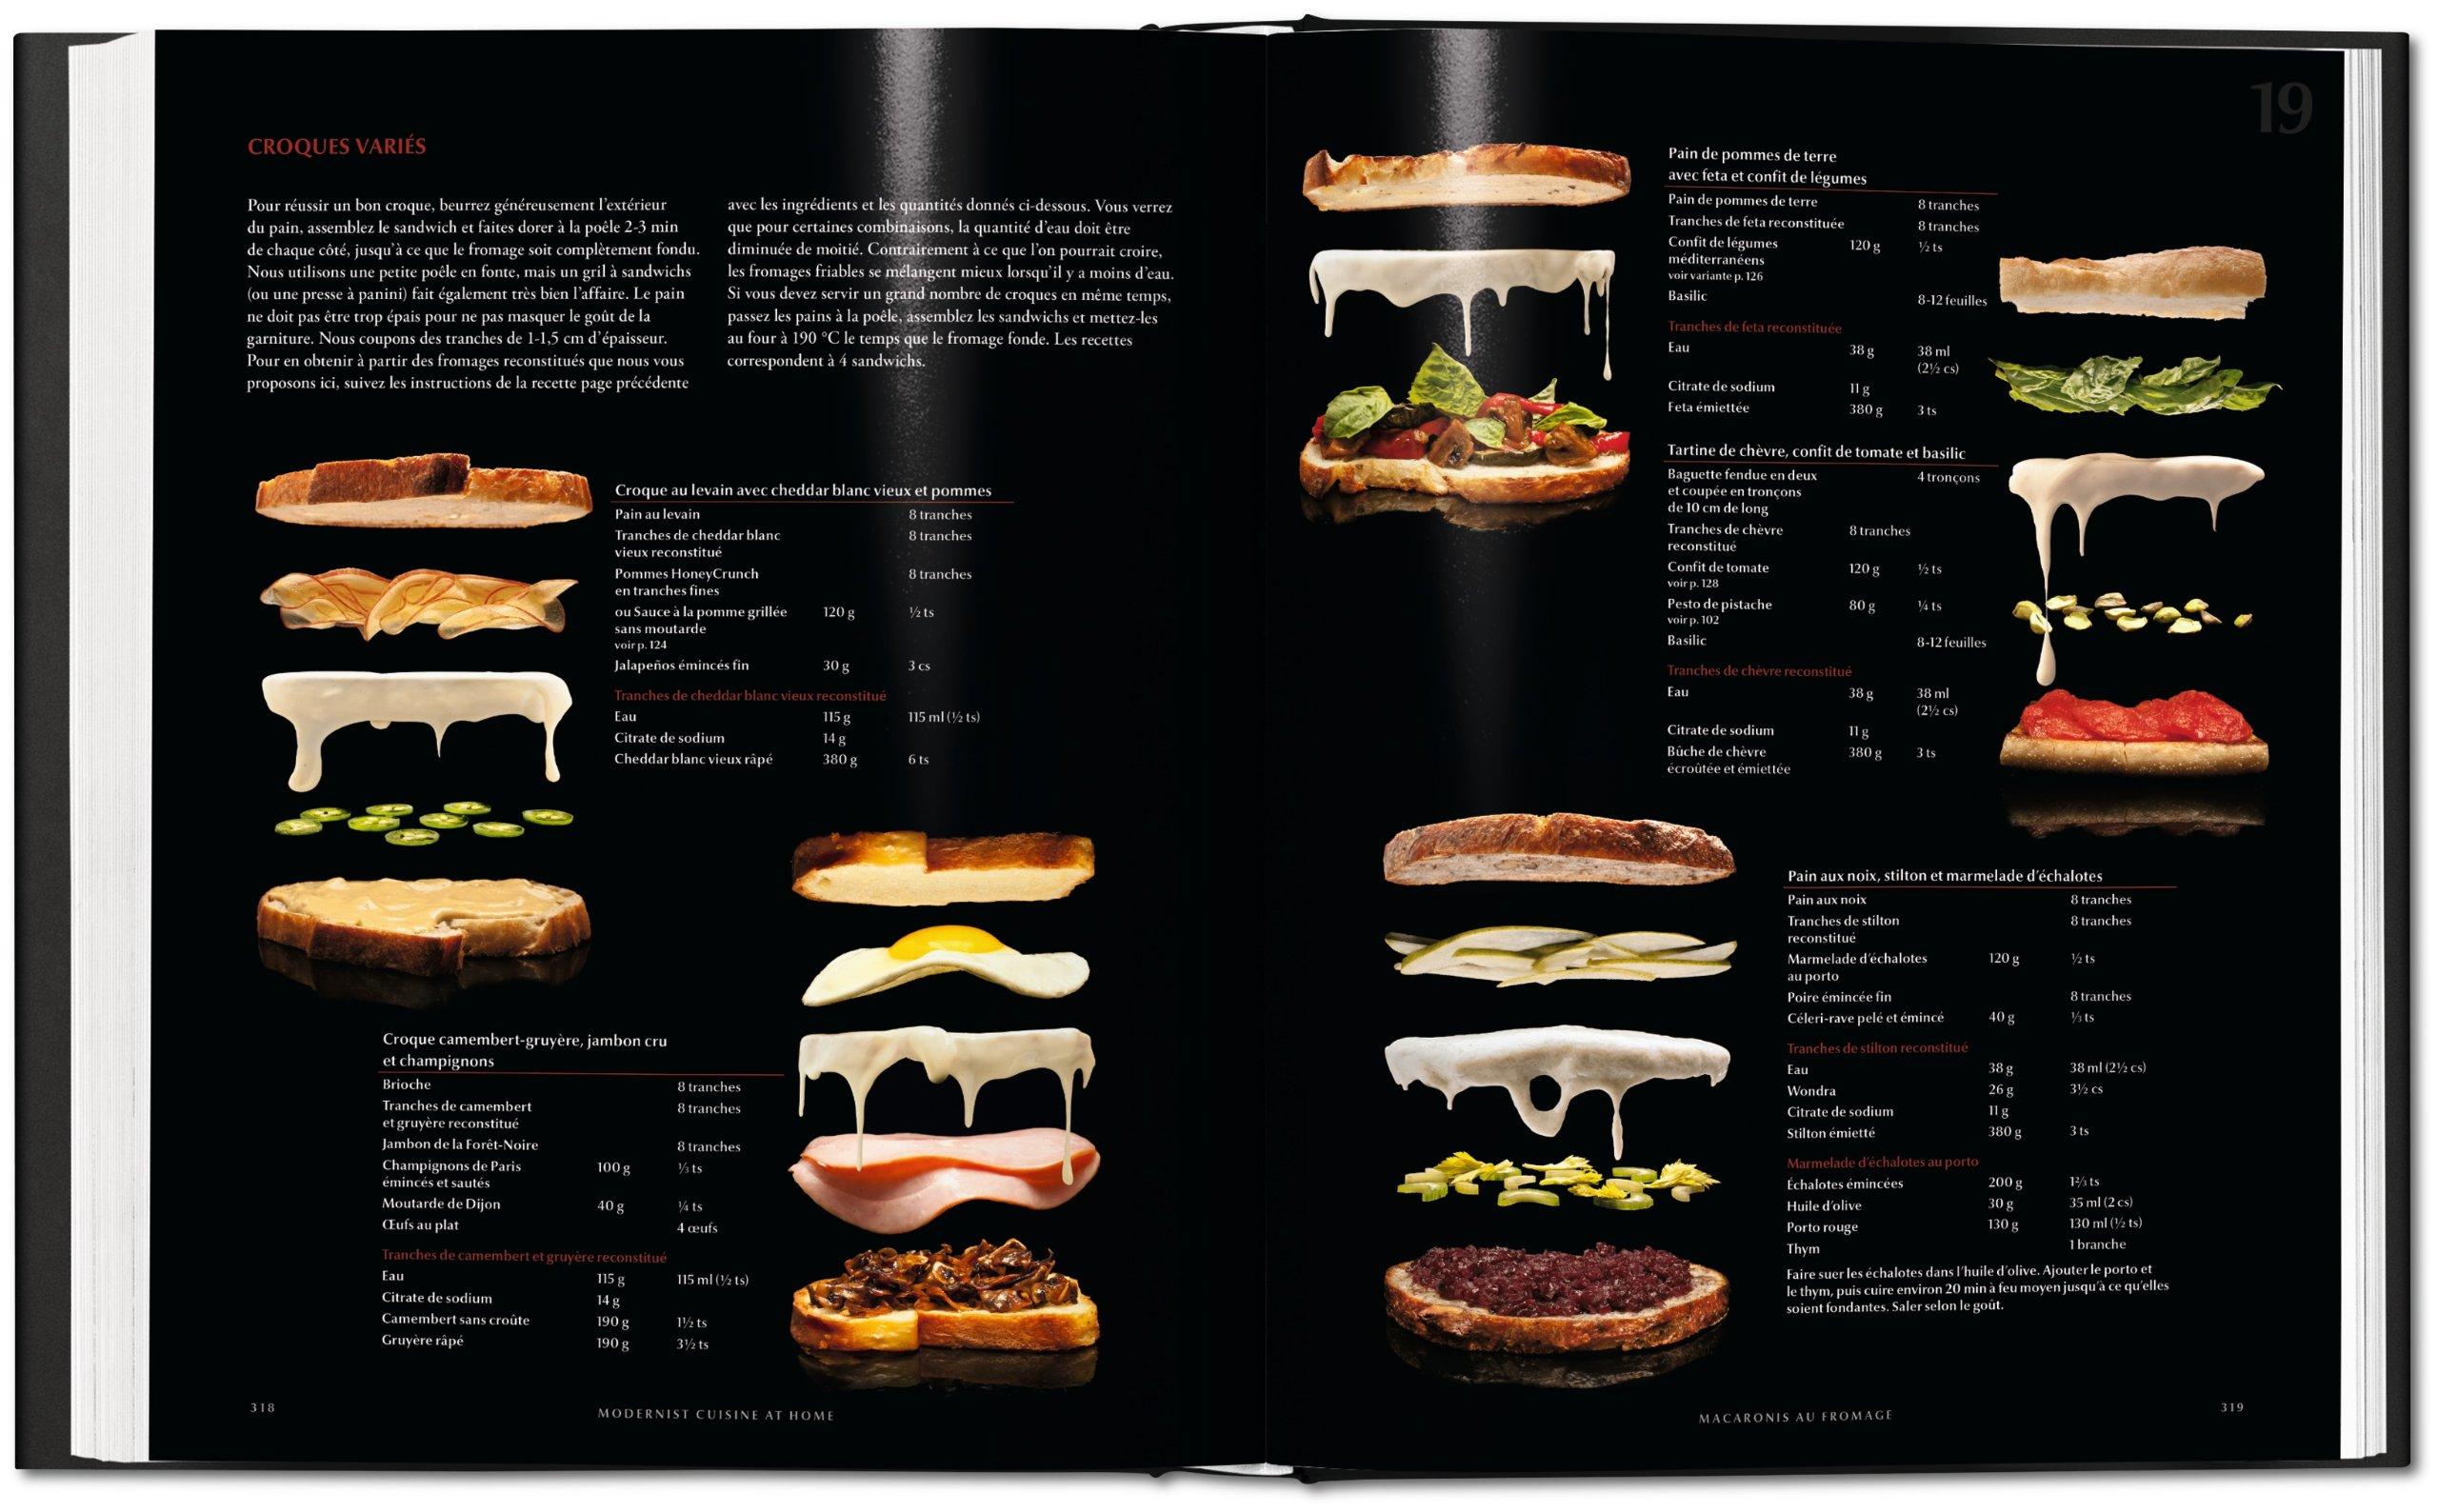 Modernist cuisine pdf francais ustensiles de cuisine for Amazon modernist cuisine